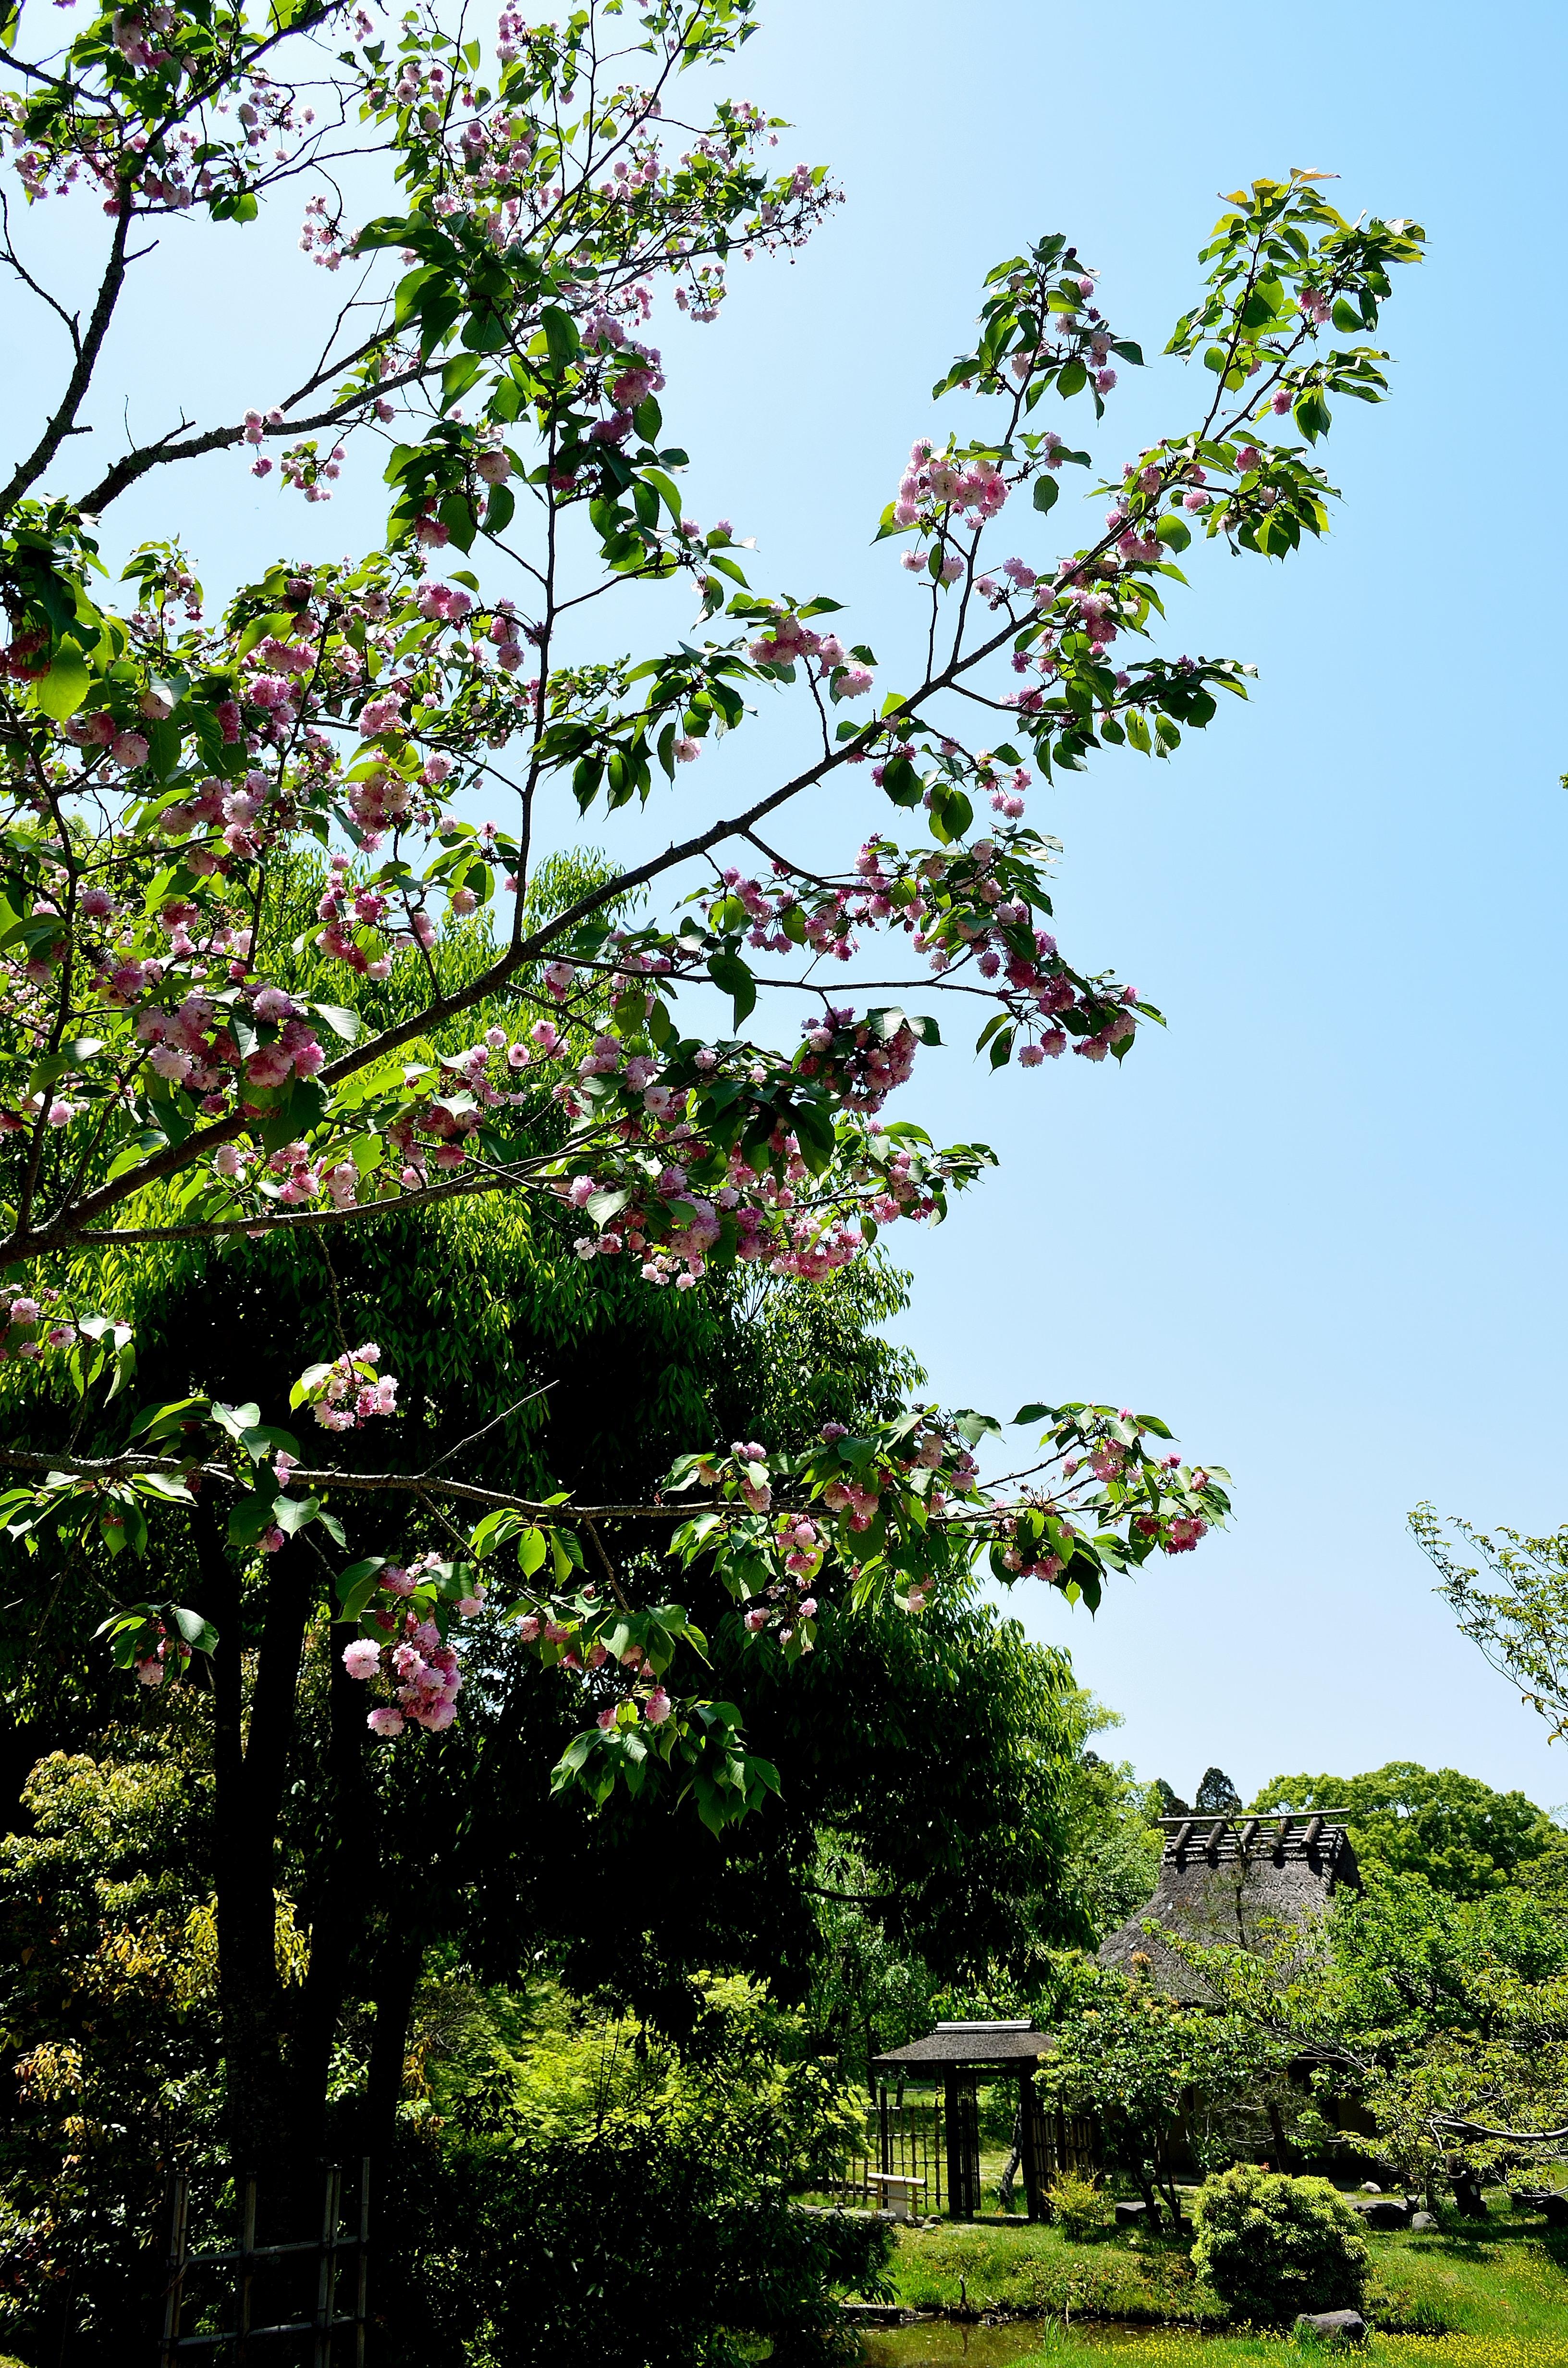 奈良国立博物館 八重桜と中庭庭園風景